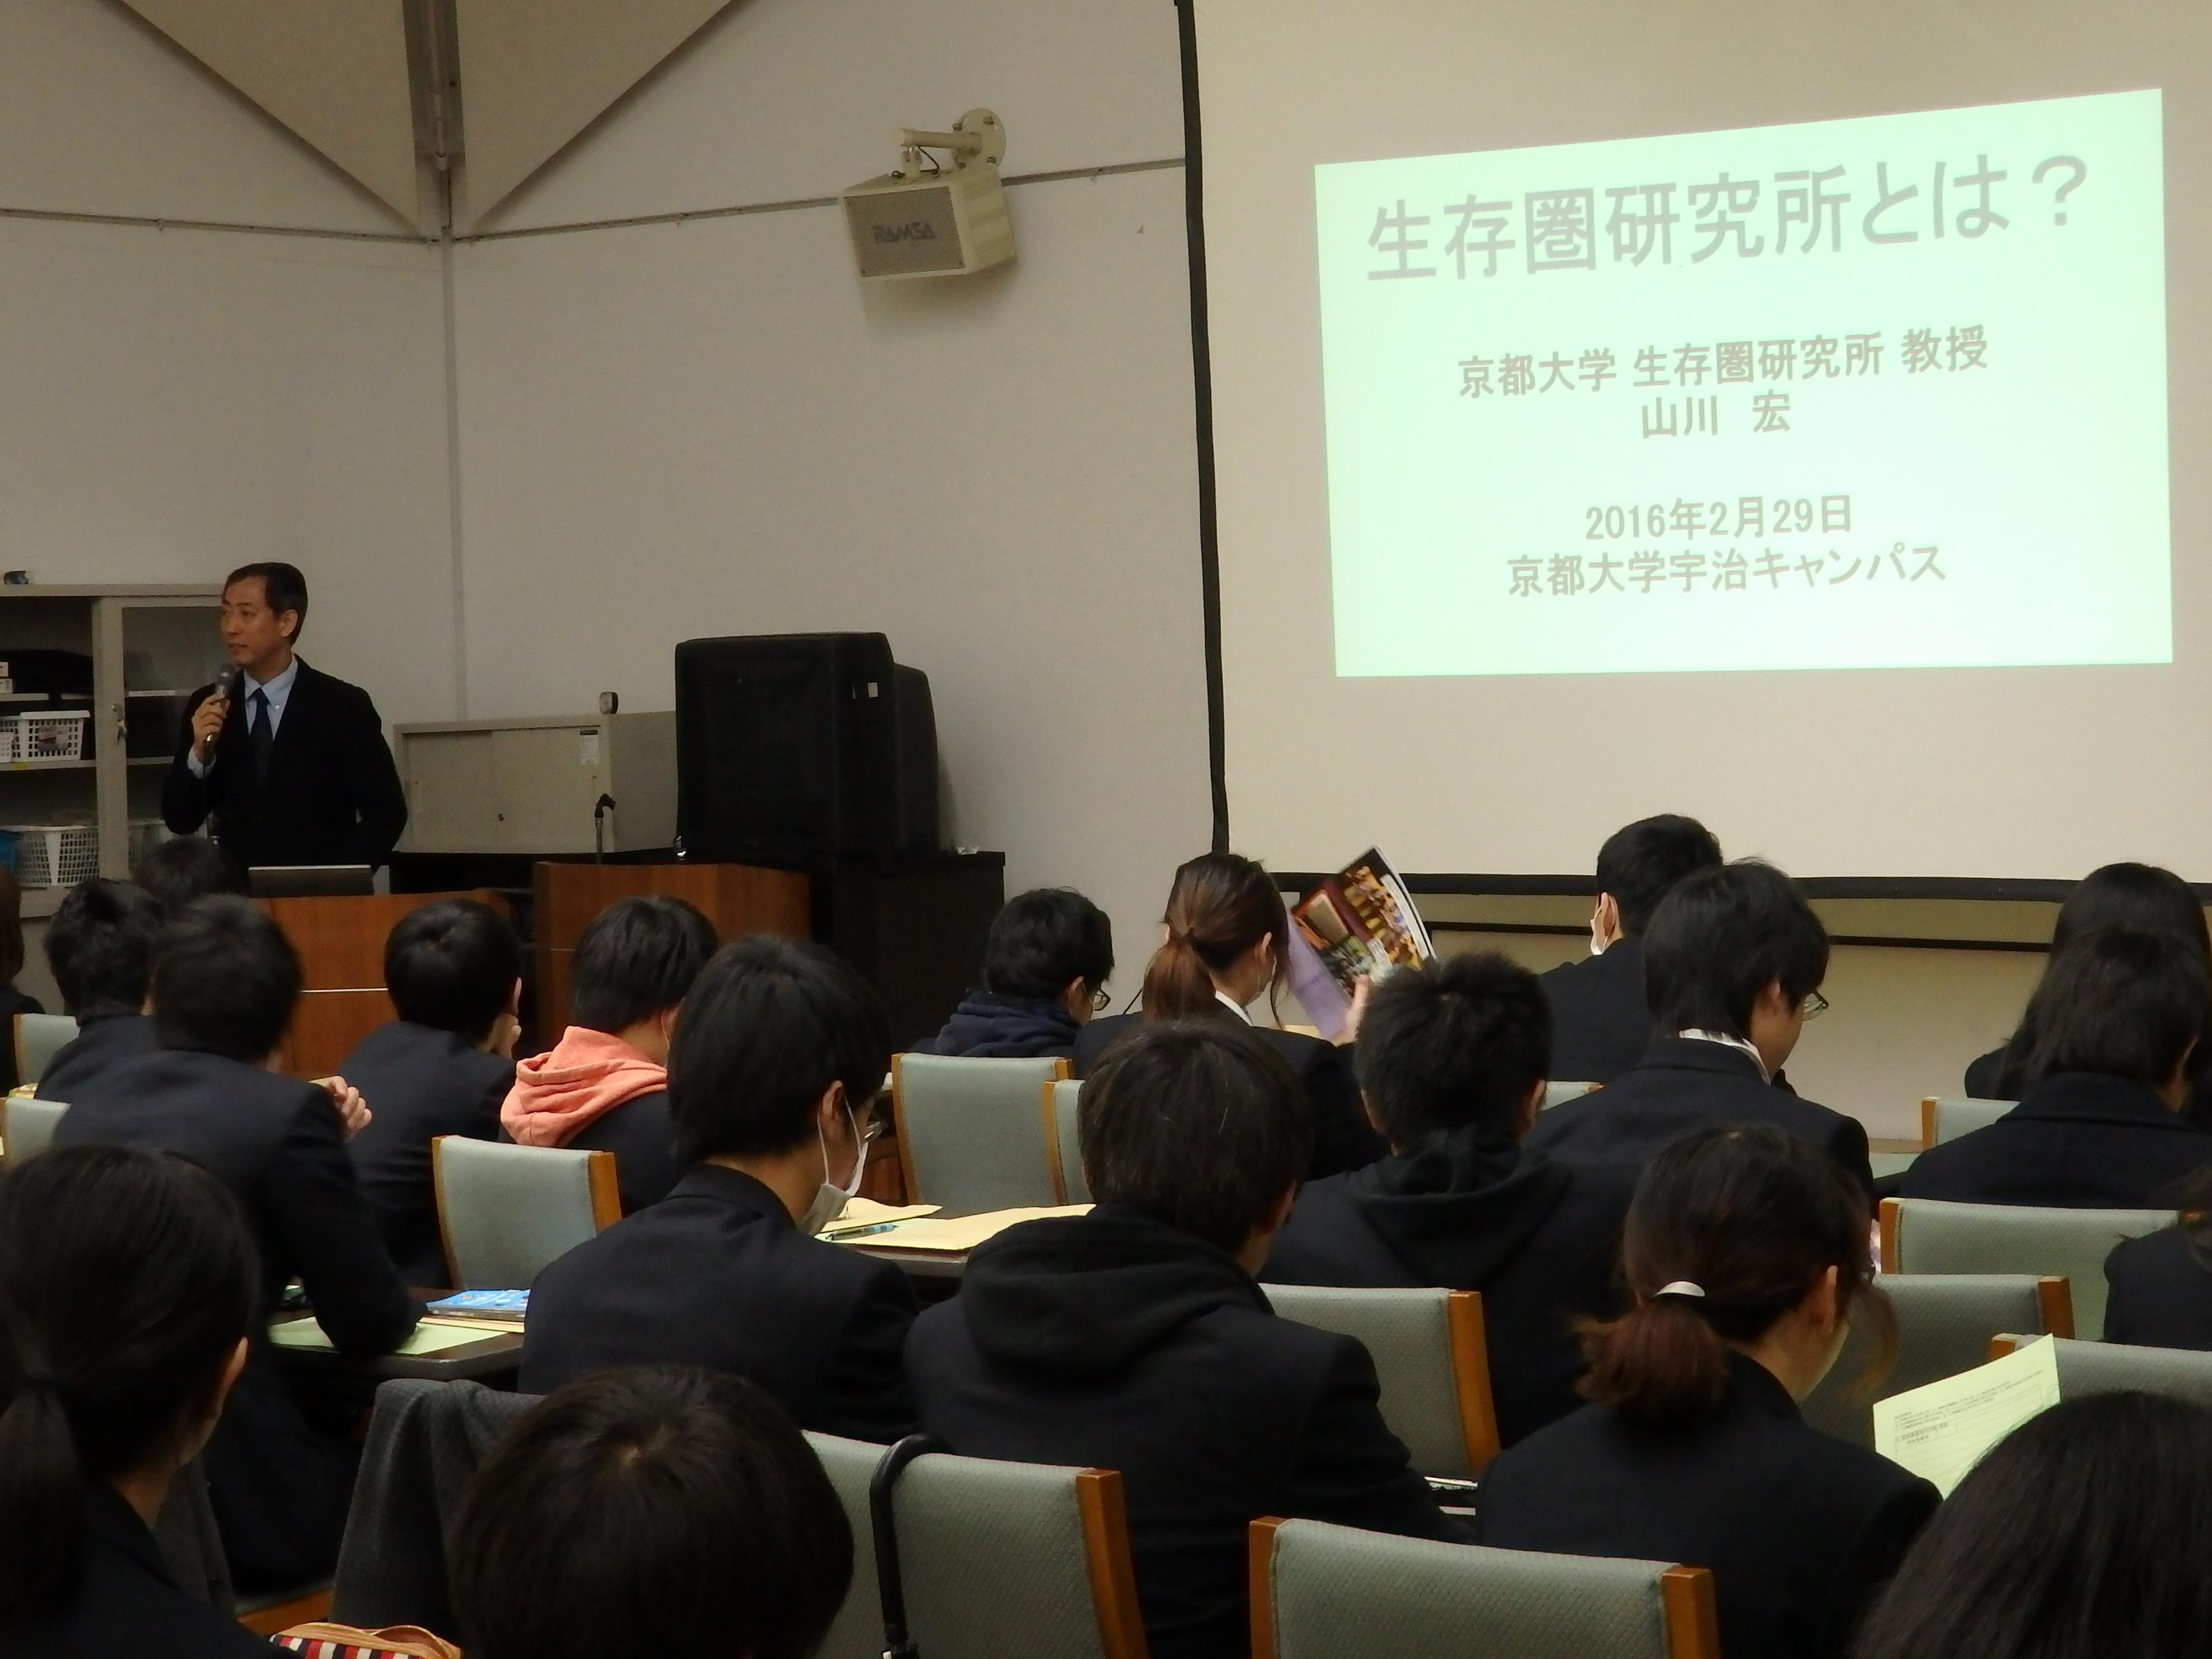 「宇宙の環境と利用」 宇宙圏航行システム工学分野 山川宏教授